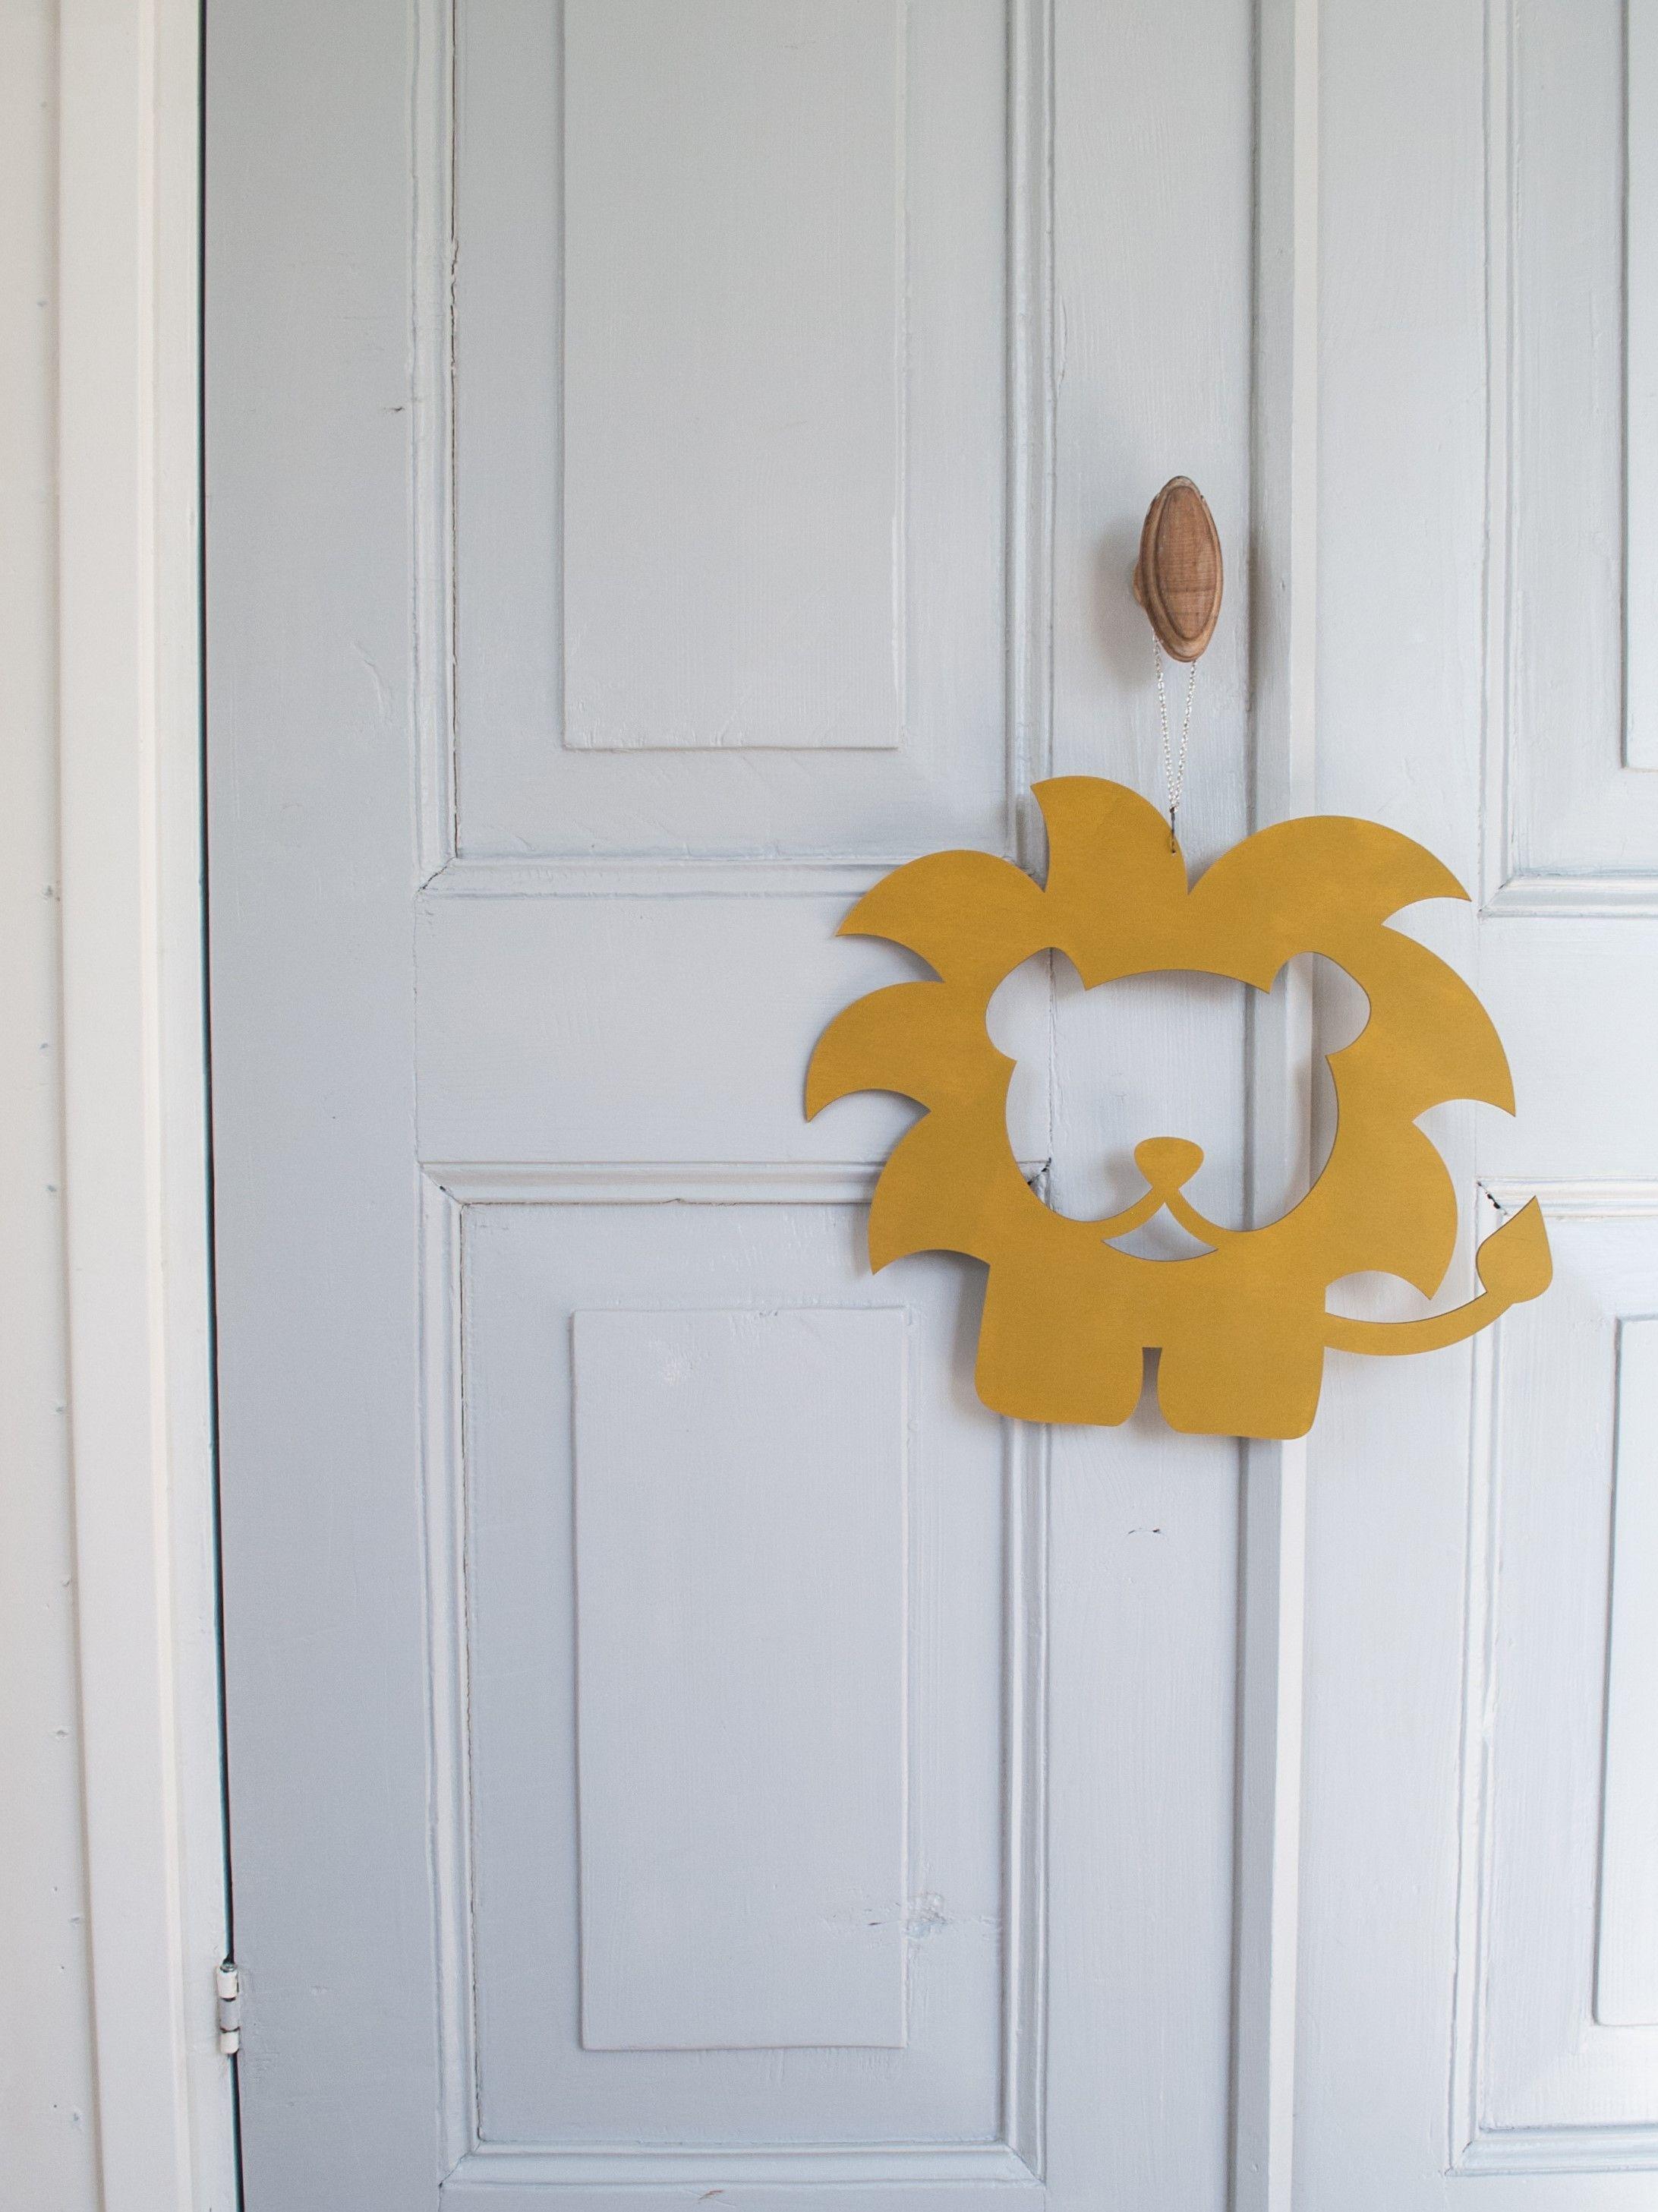 Houten Muurdecoratie Babykamer.Houten Silhouet Leeuw Decoratie Voor De Babykamer Of Kinderkamer